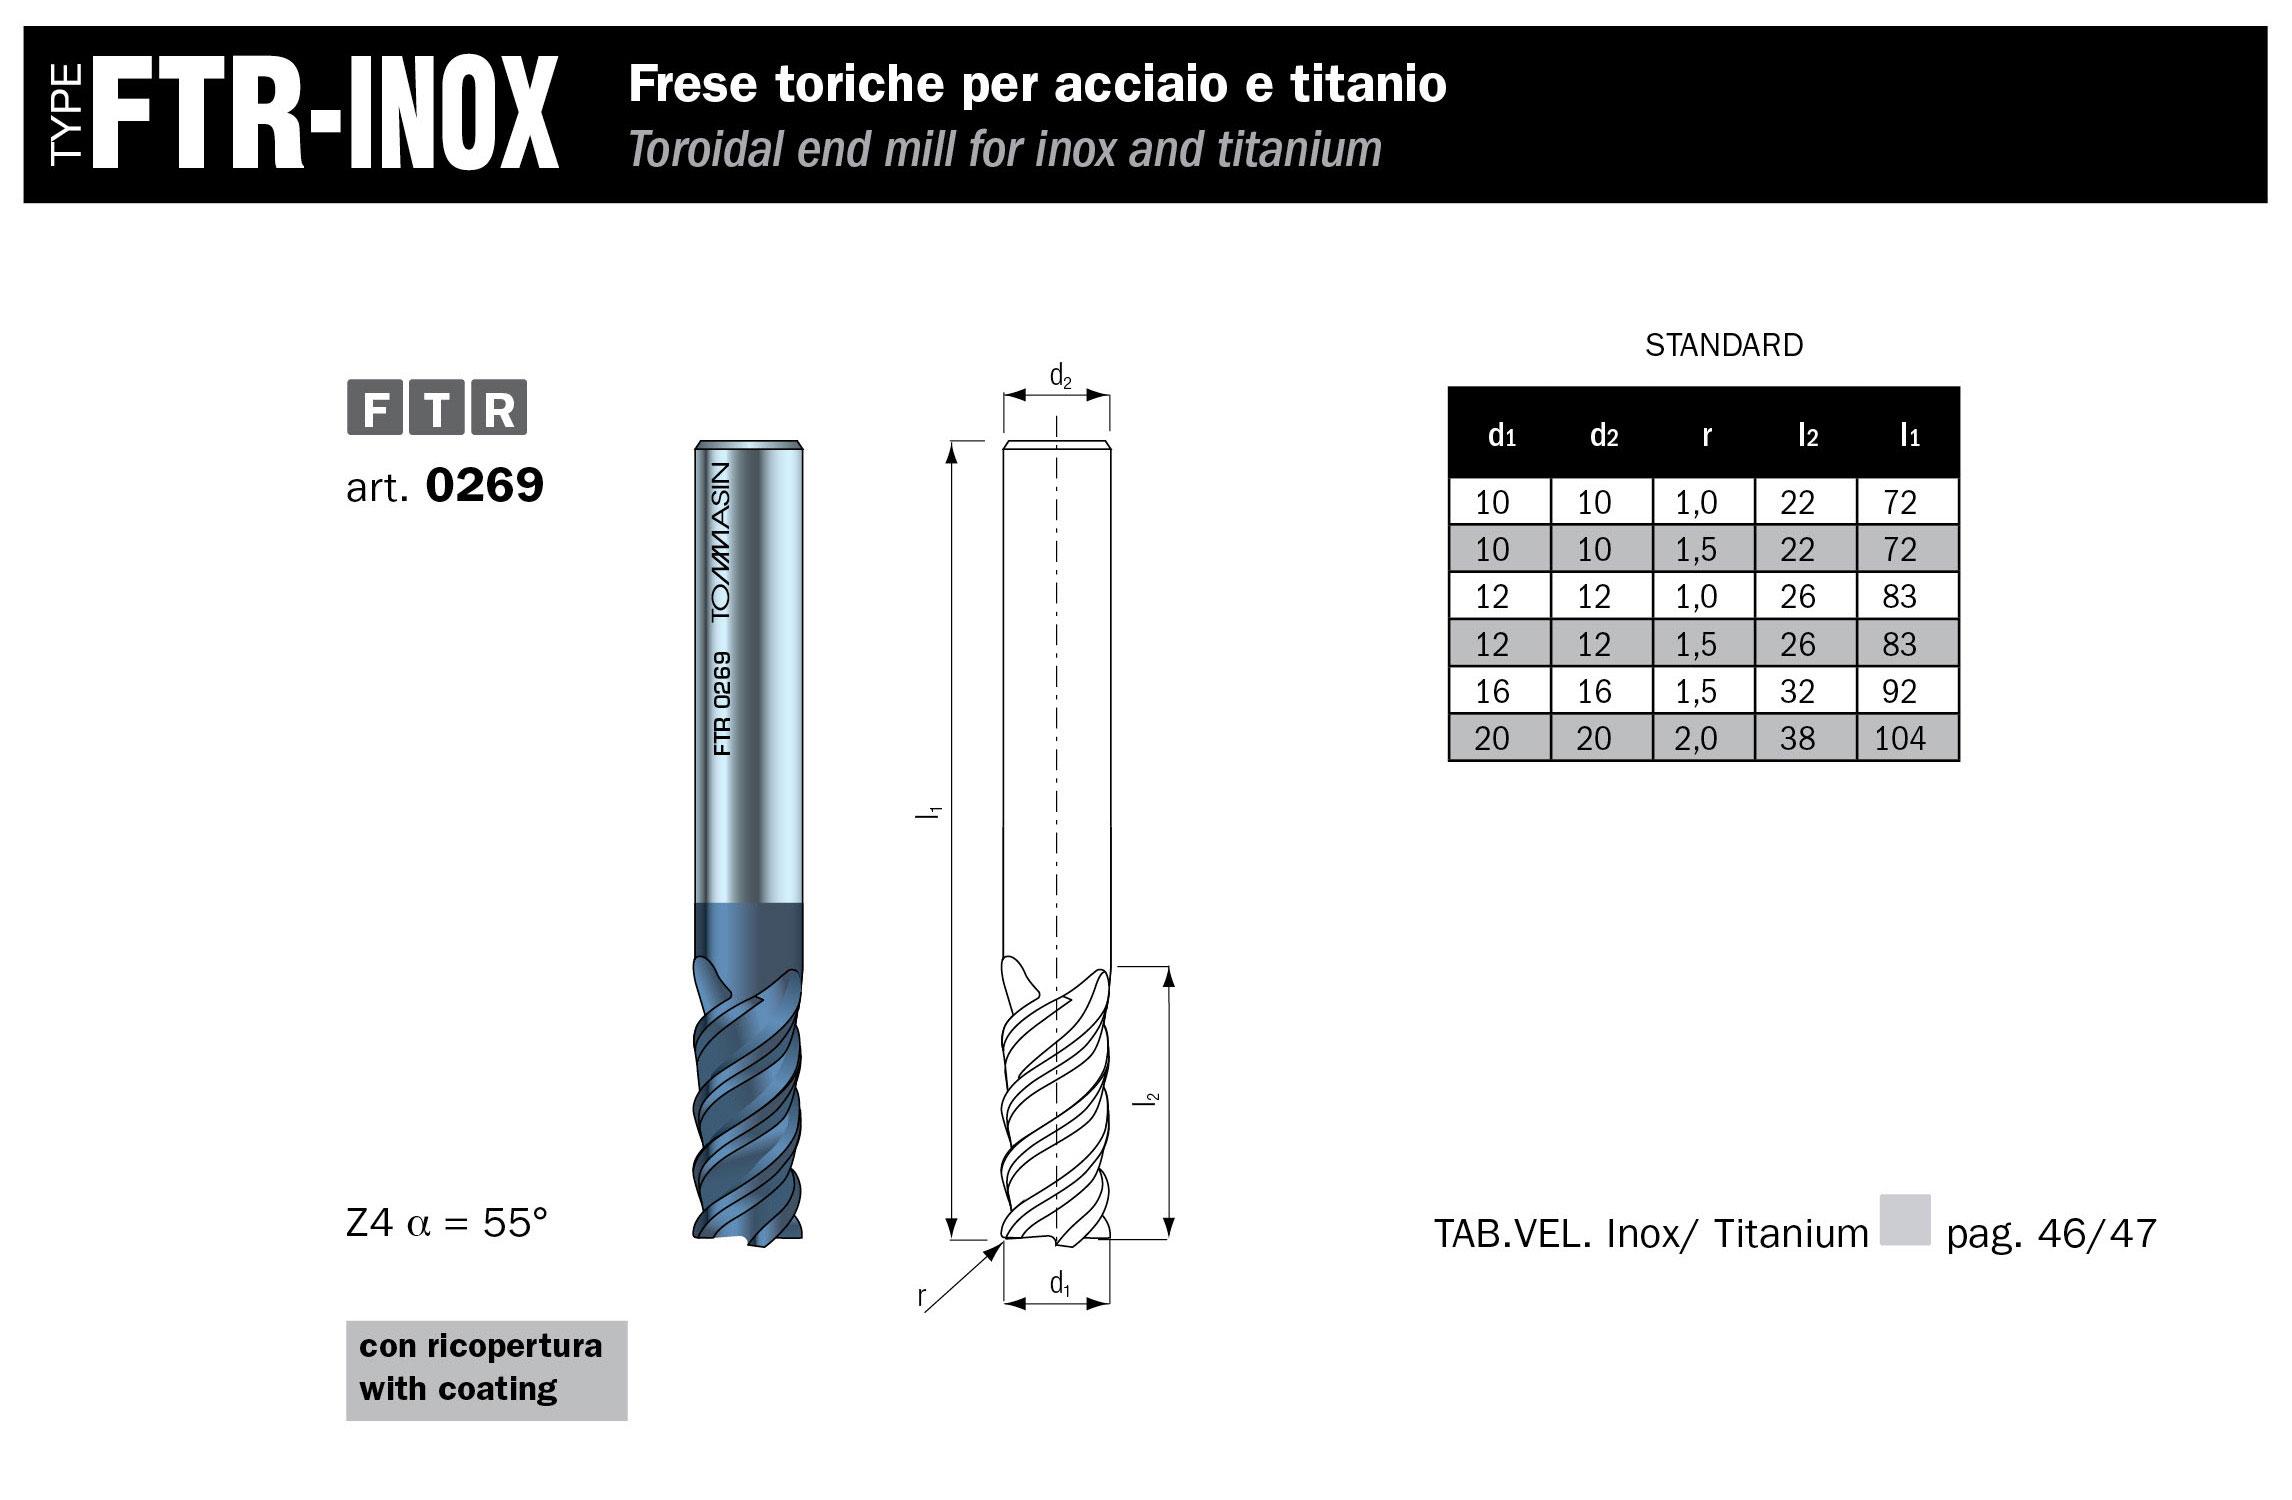 FTR-INOX